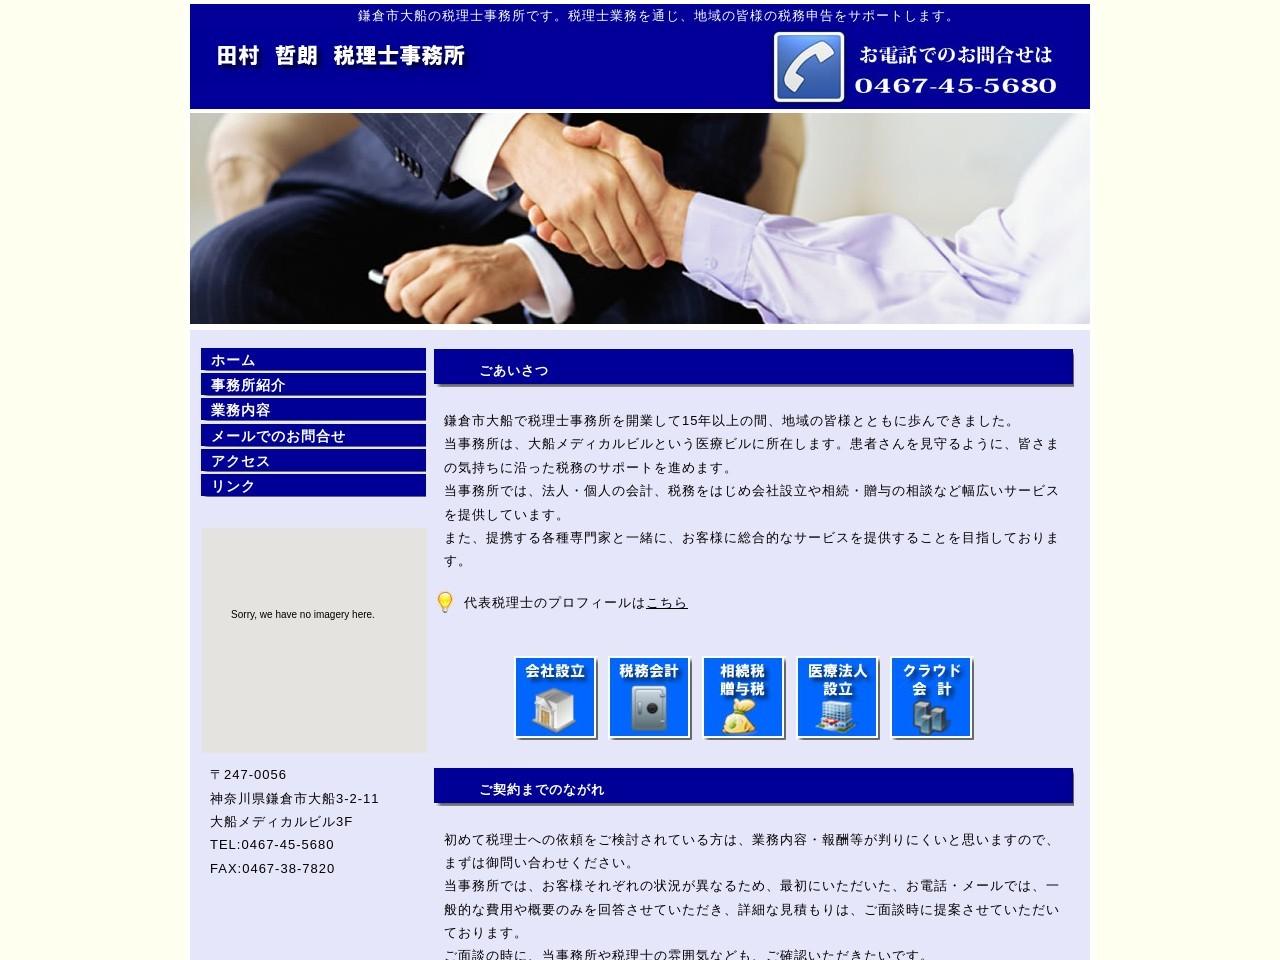 田村哲朗税理士事務所